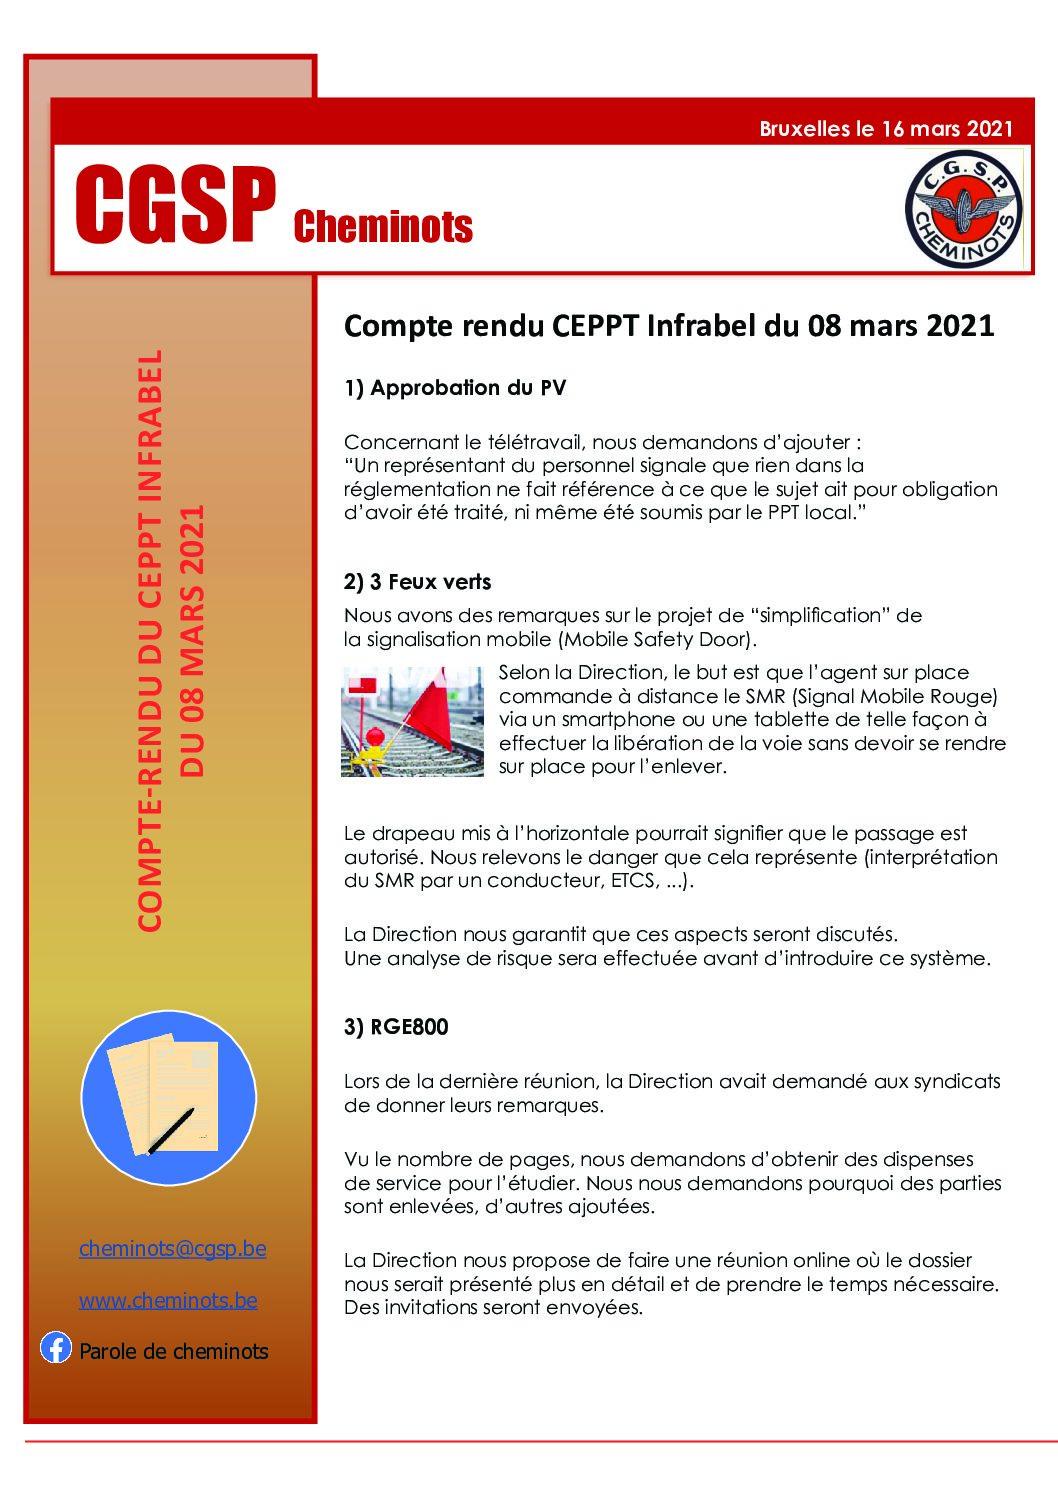 Compte rendu CEPPT Infrabel 08 mars 2021